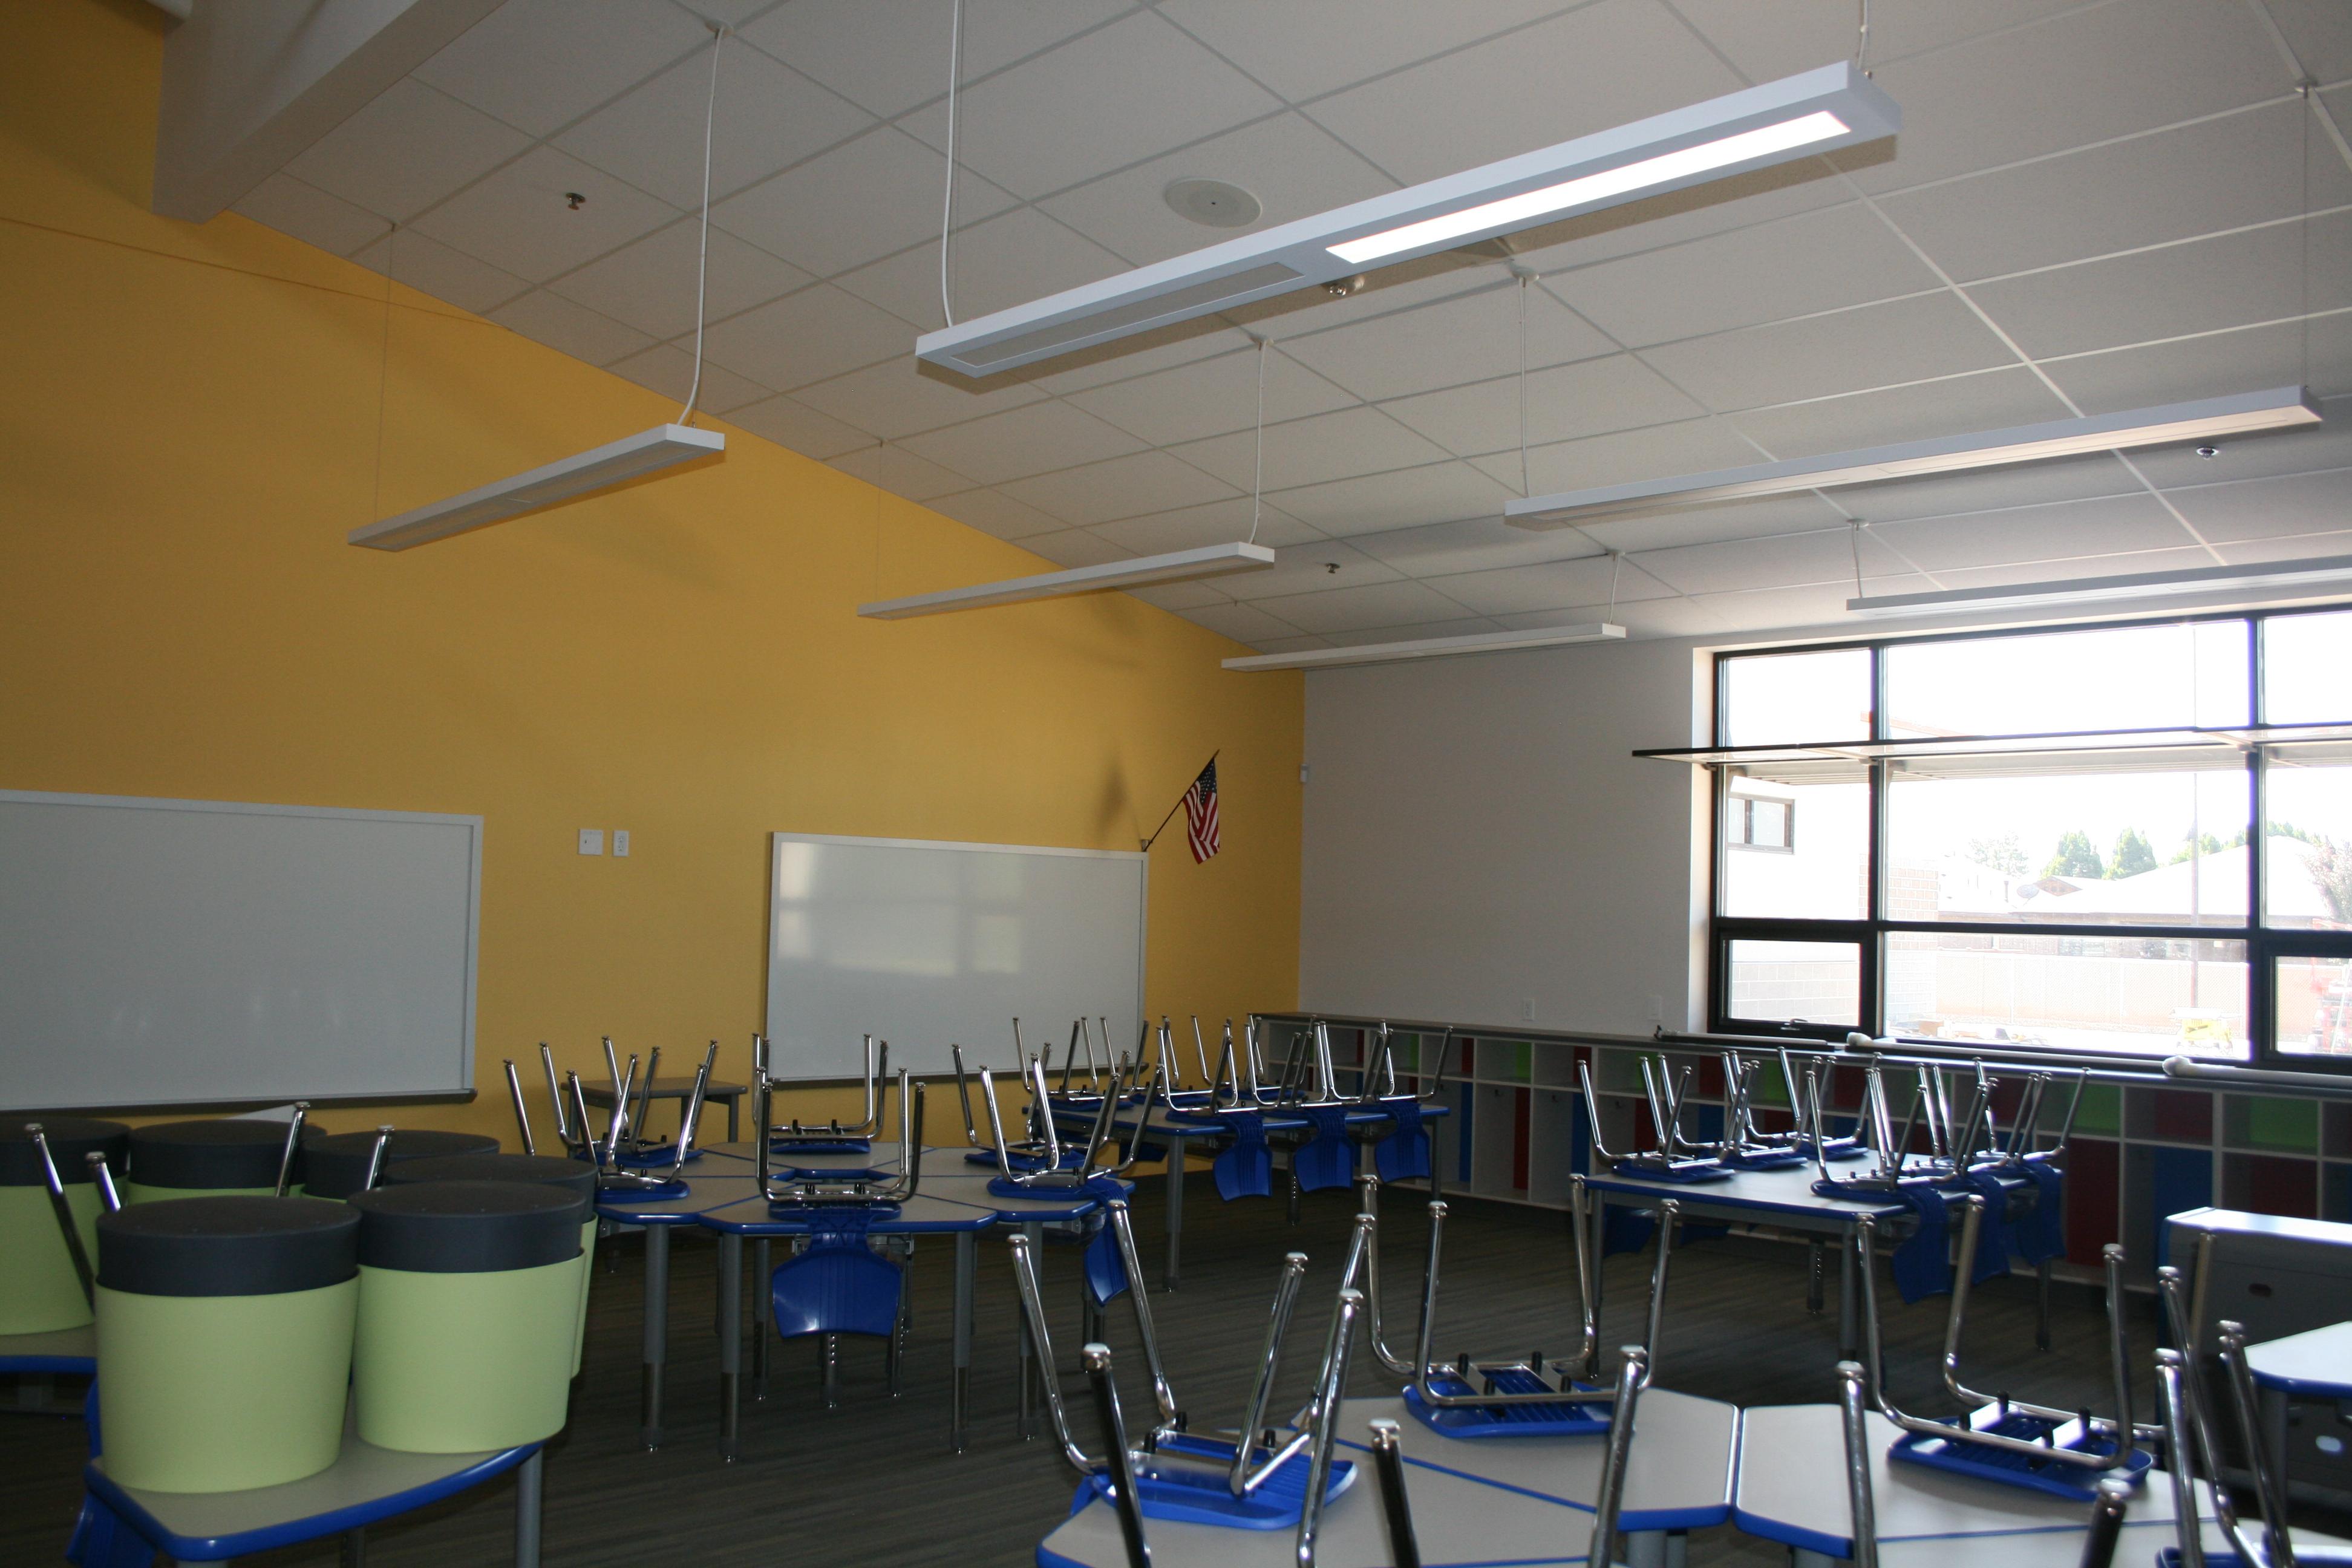 Saint Ignatius Elementary School